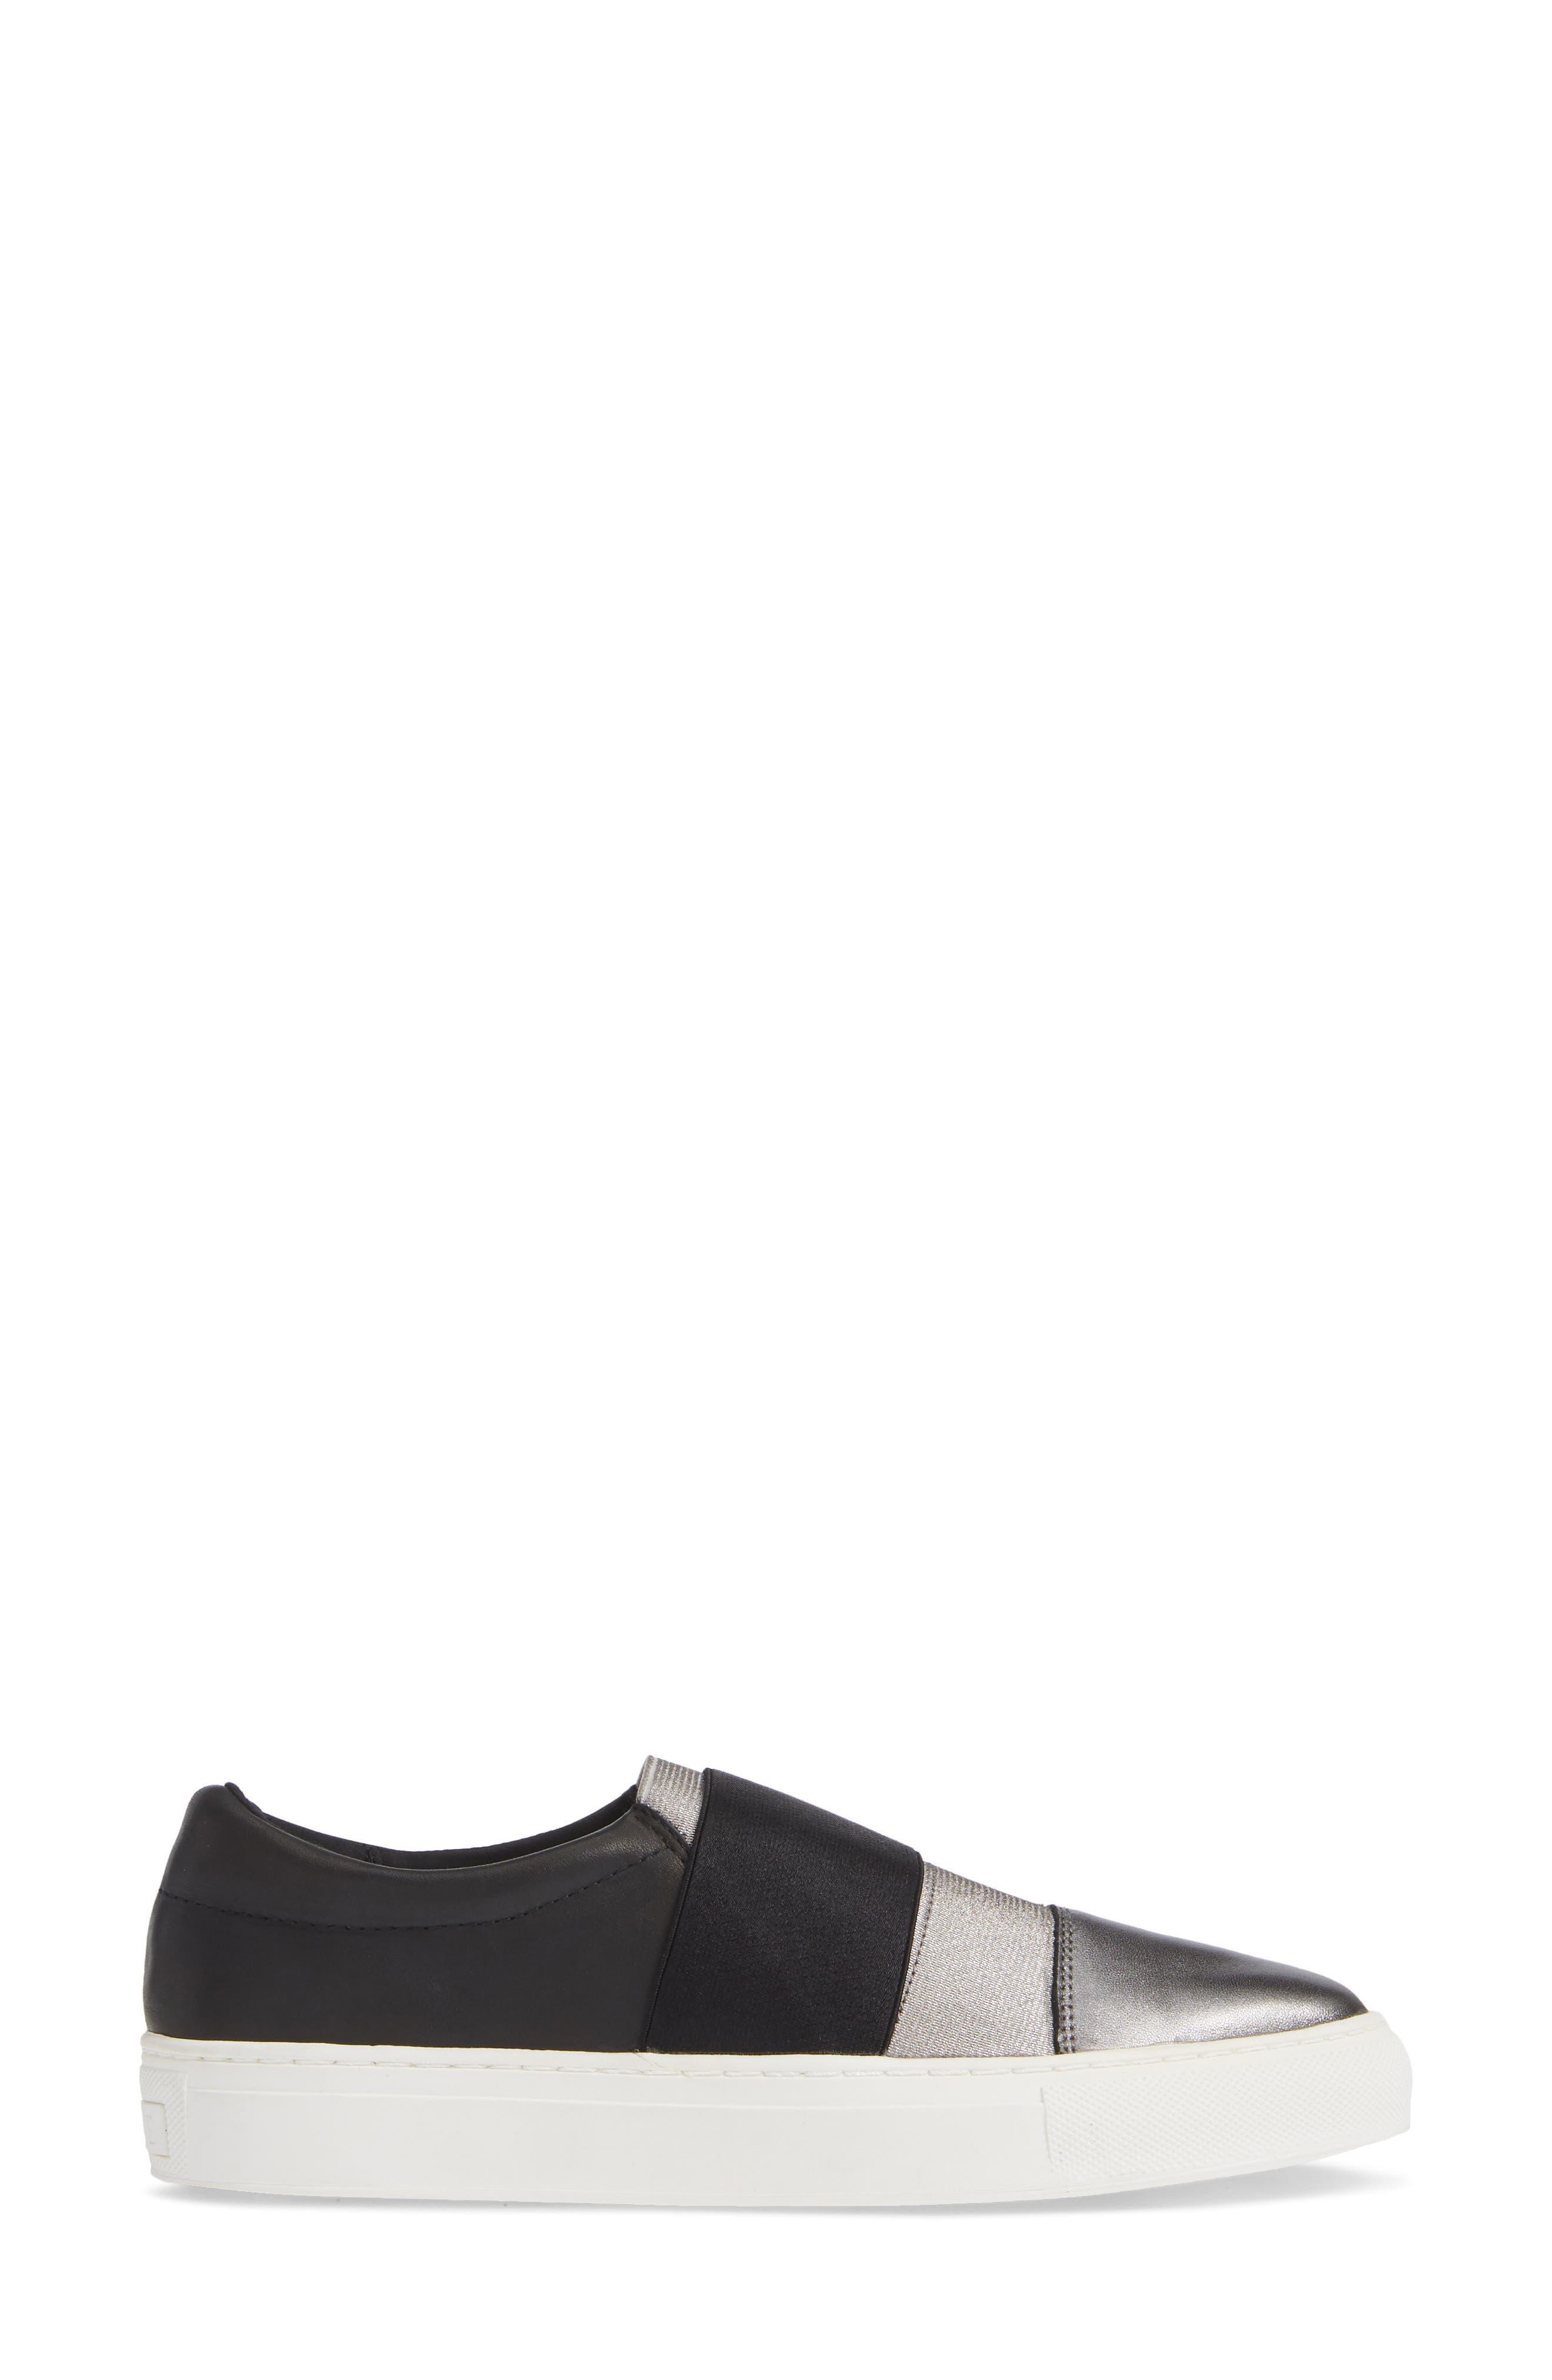 Isla Slip-On Sneaker,                             Alternate thumbnail 3, color,                             GUNMETAL/ BLACK LEATHER